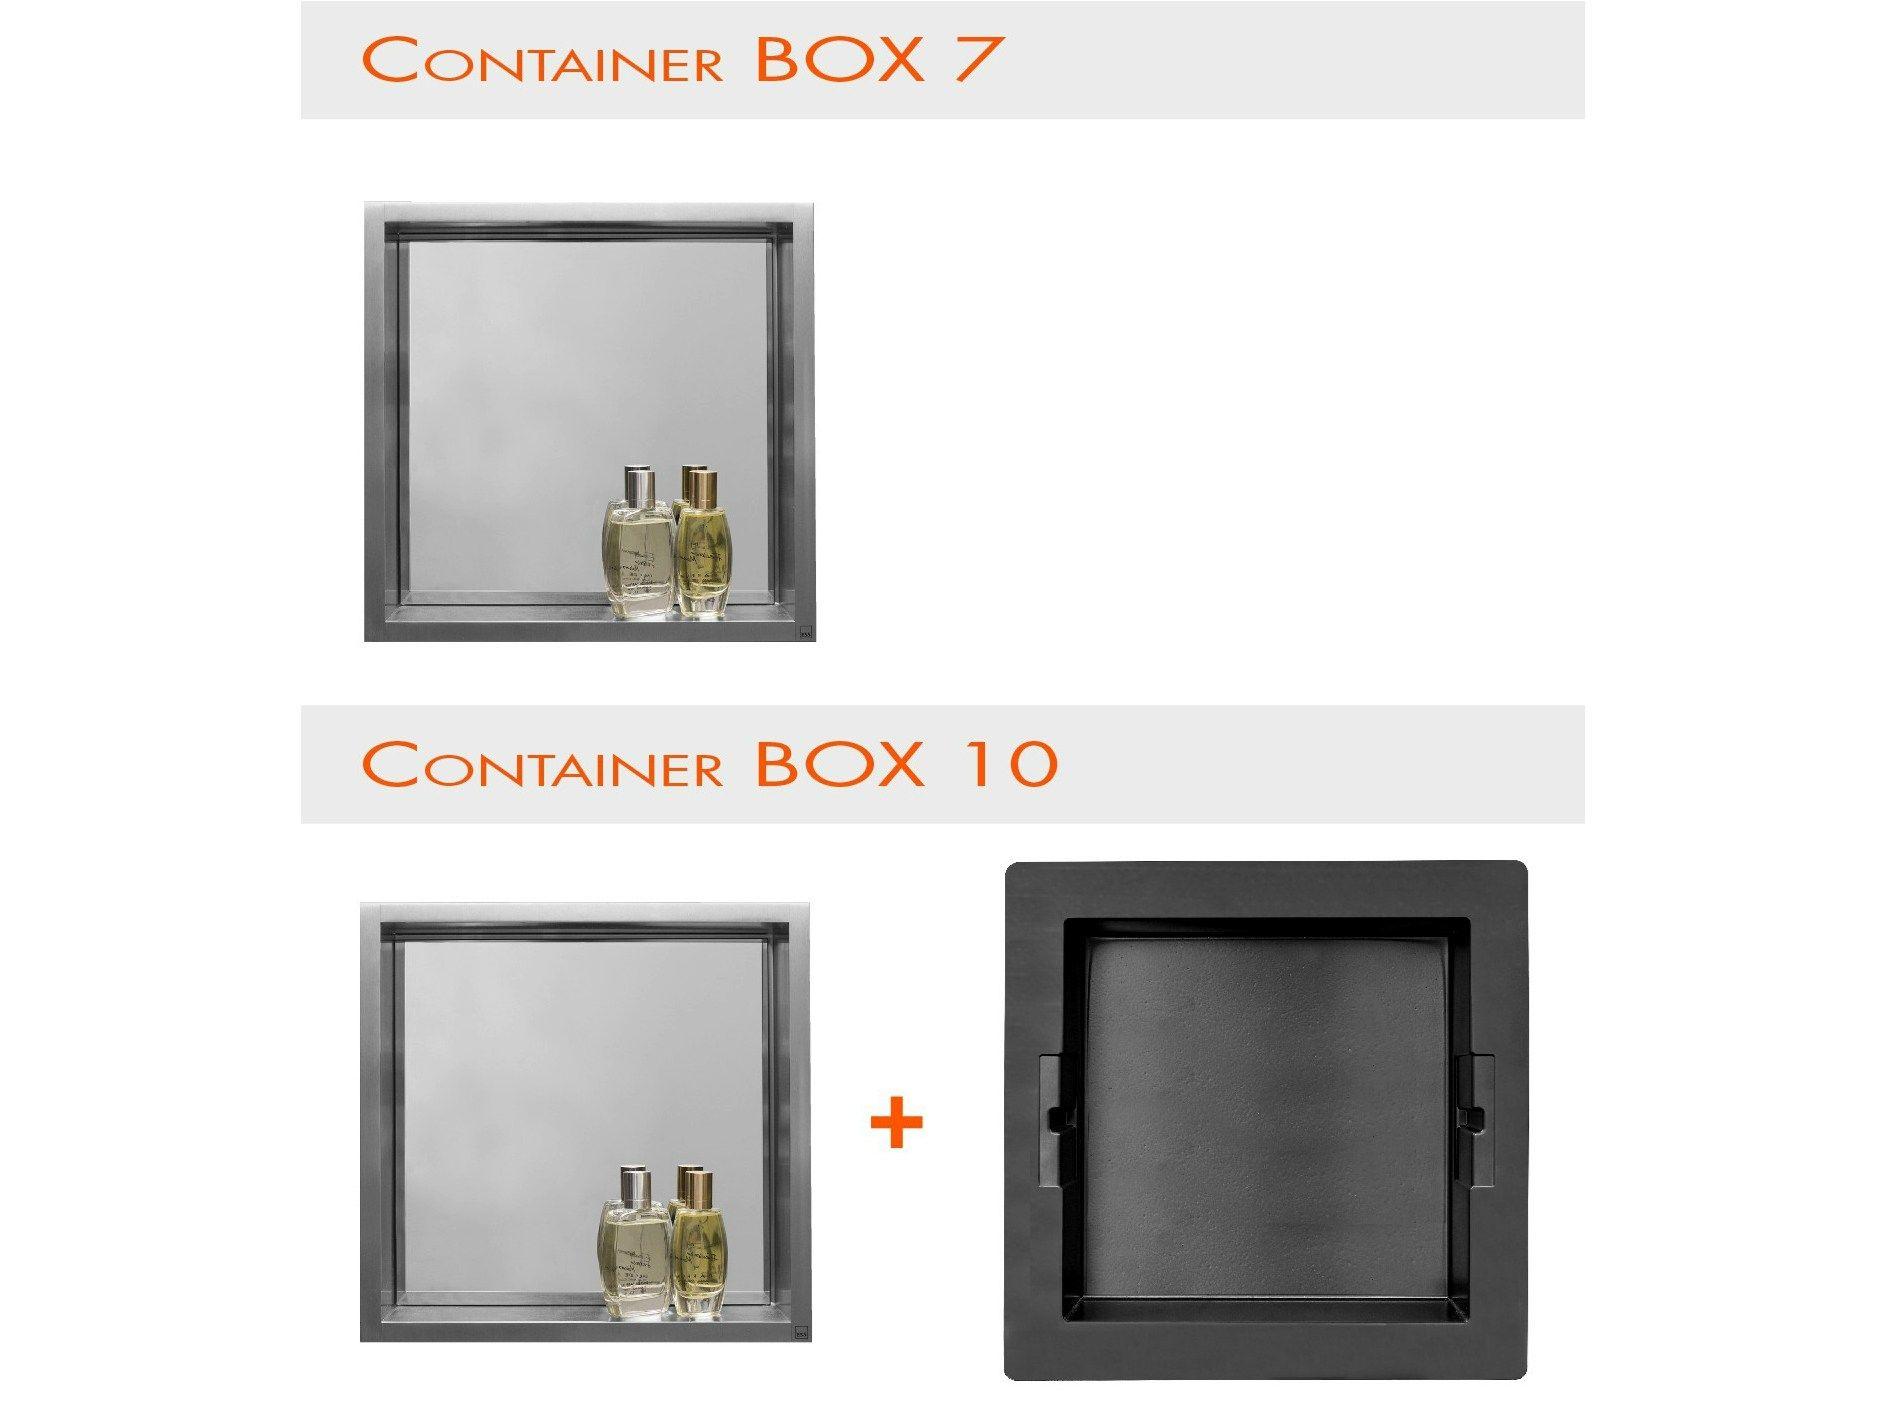 Estantes Para Baños Acero Inoxidable:Estante para cuarto de baños de acero inoxidable CONTAINER BOX NICHO